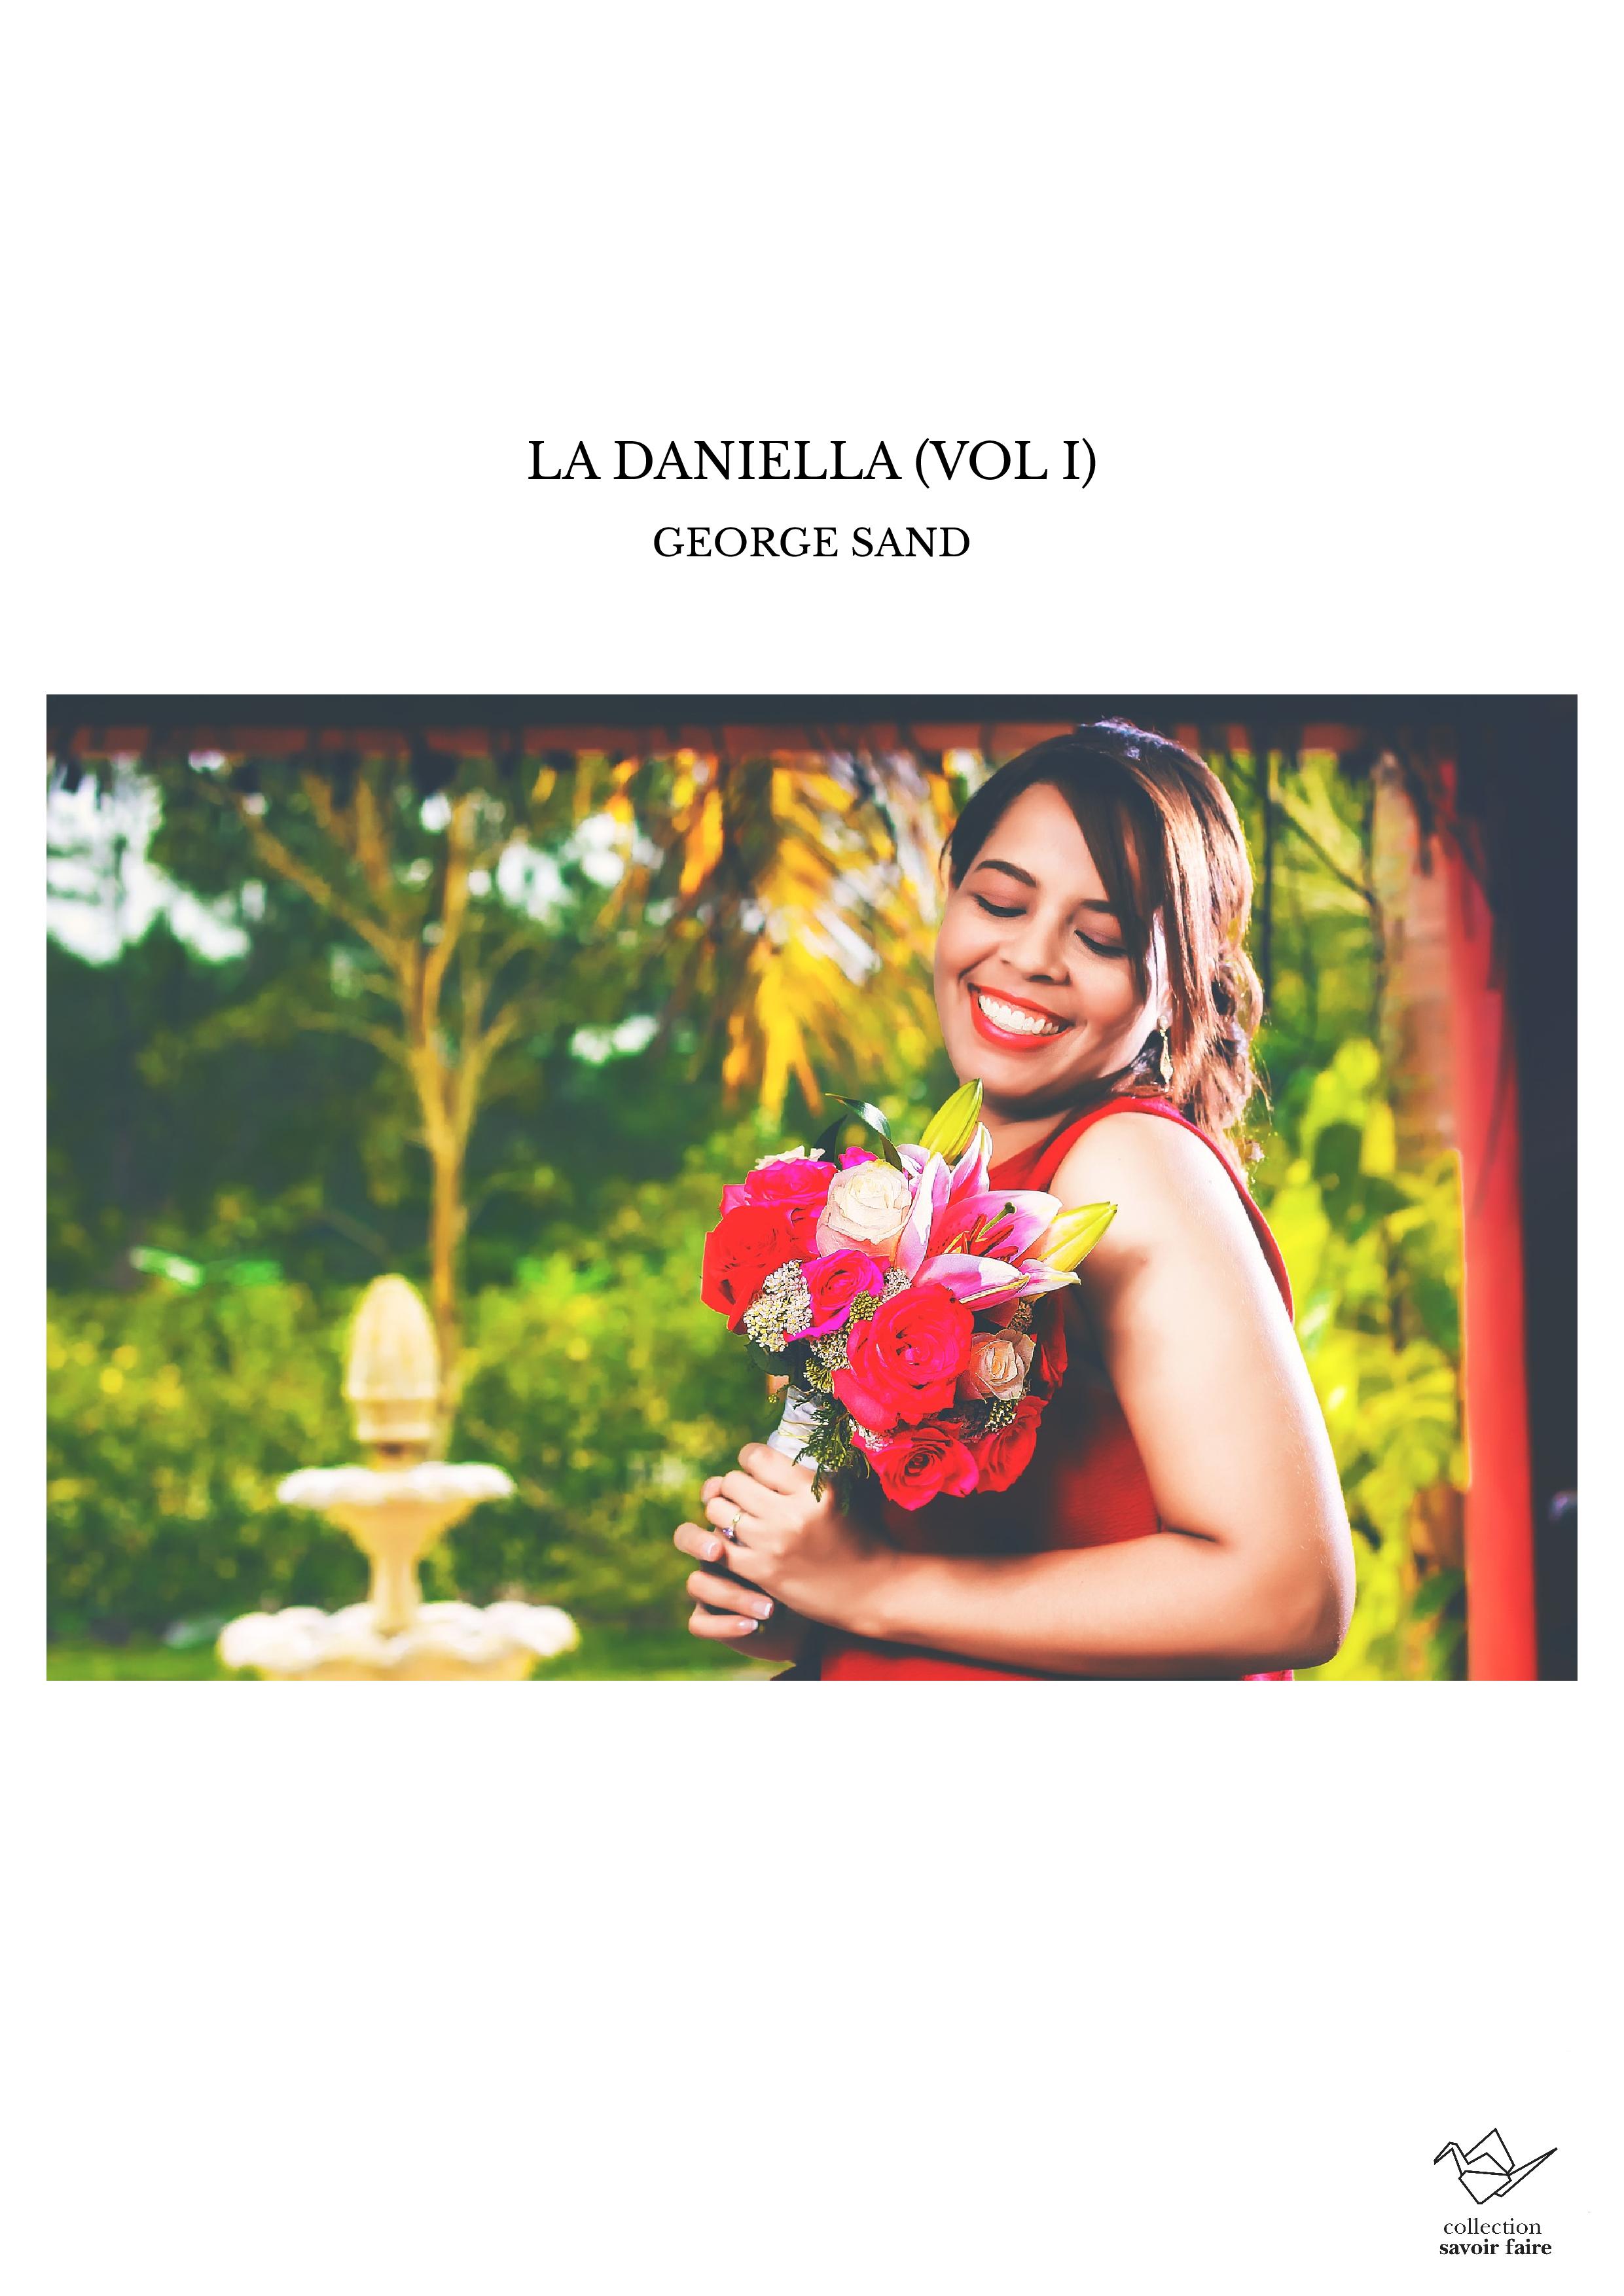 LA DANIELLA (VOL I)